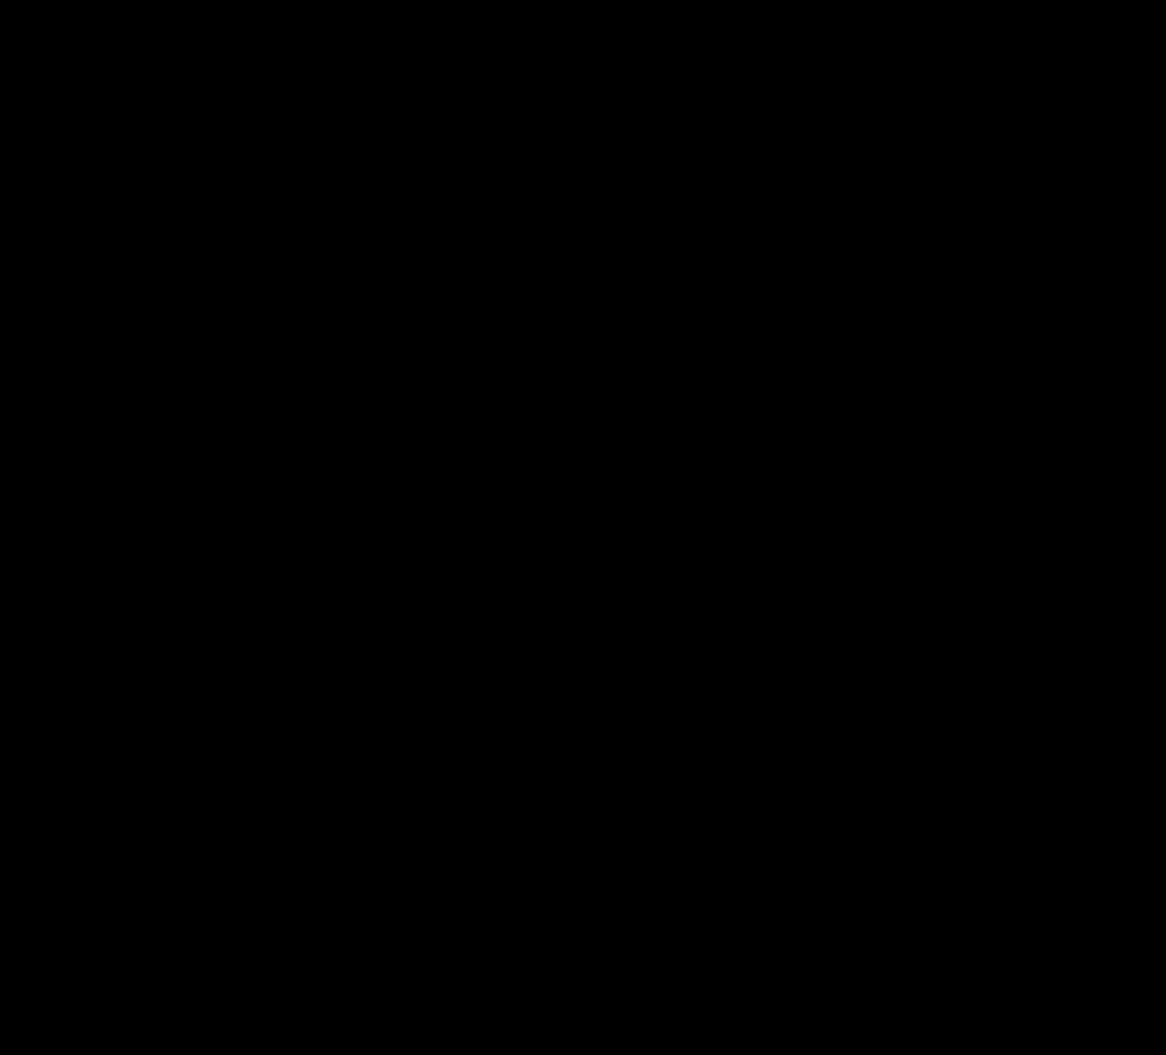 極座標と直交座標の変換公式(3次元)の導出